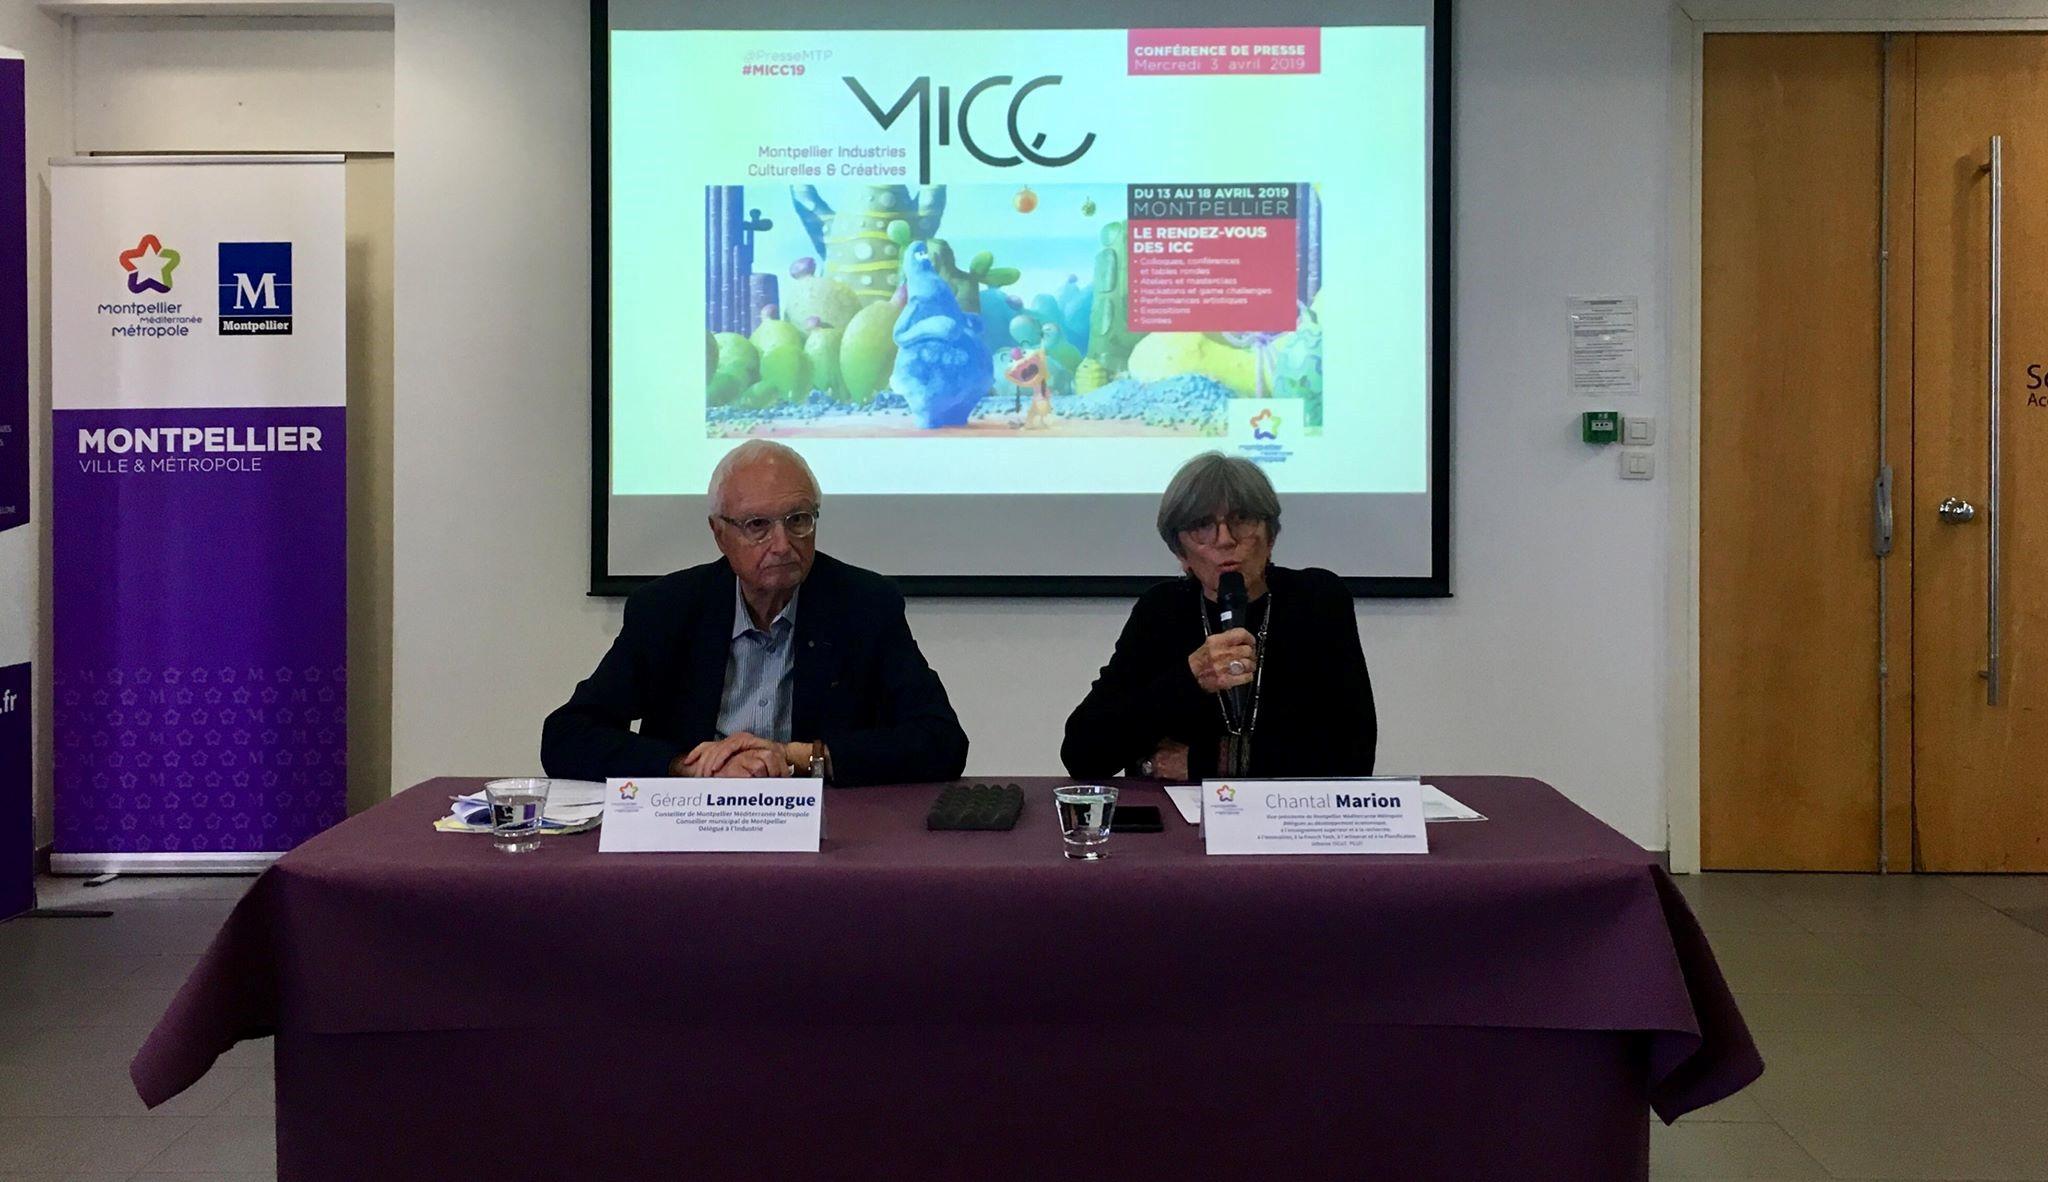 seconde édition du MICC.